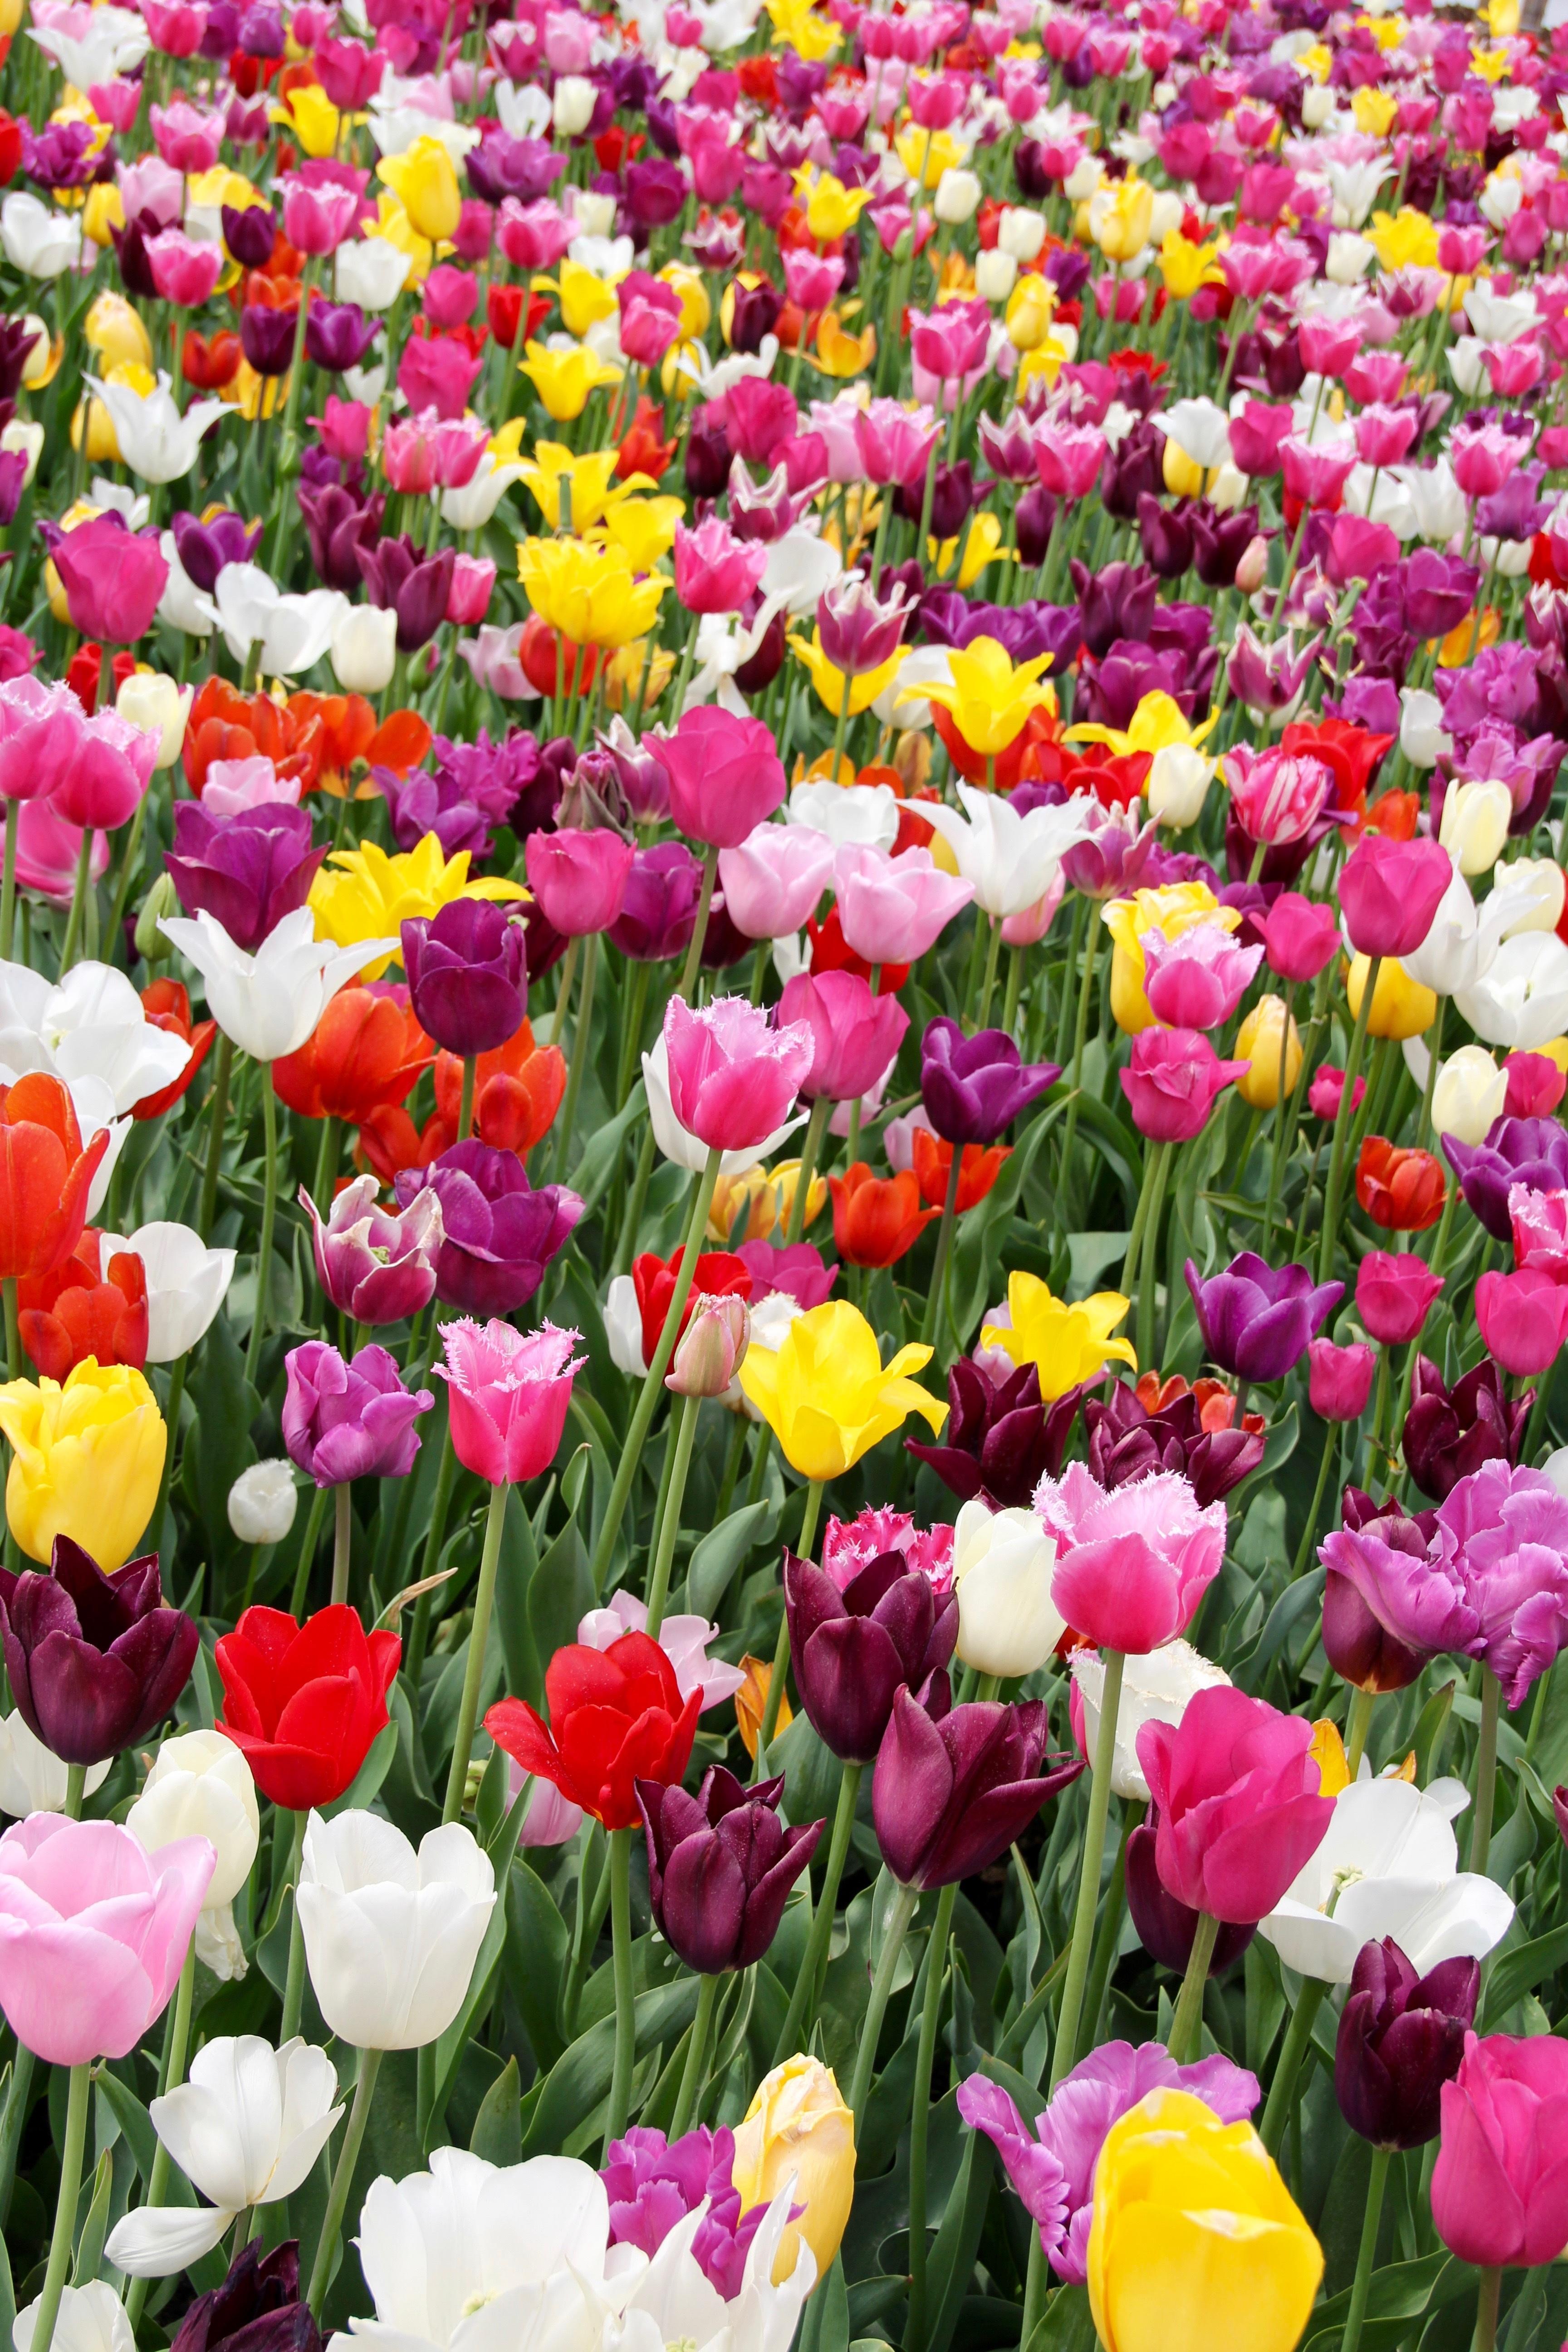 Salon De Jardin Original images gratuites : pétale, tulipe, hollande, néerlandais